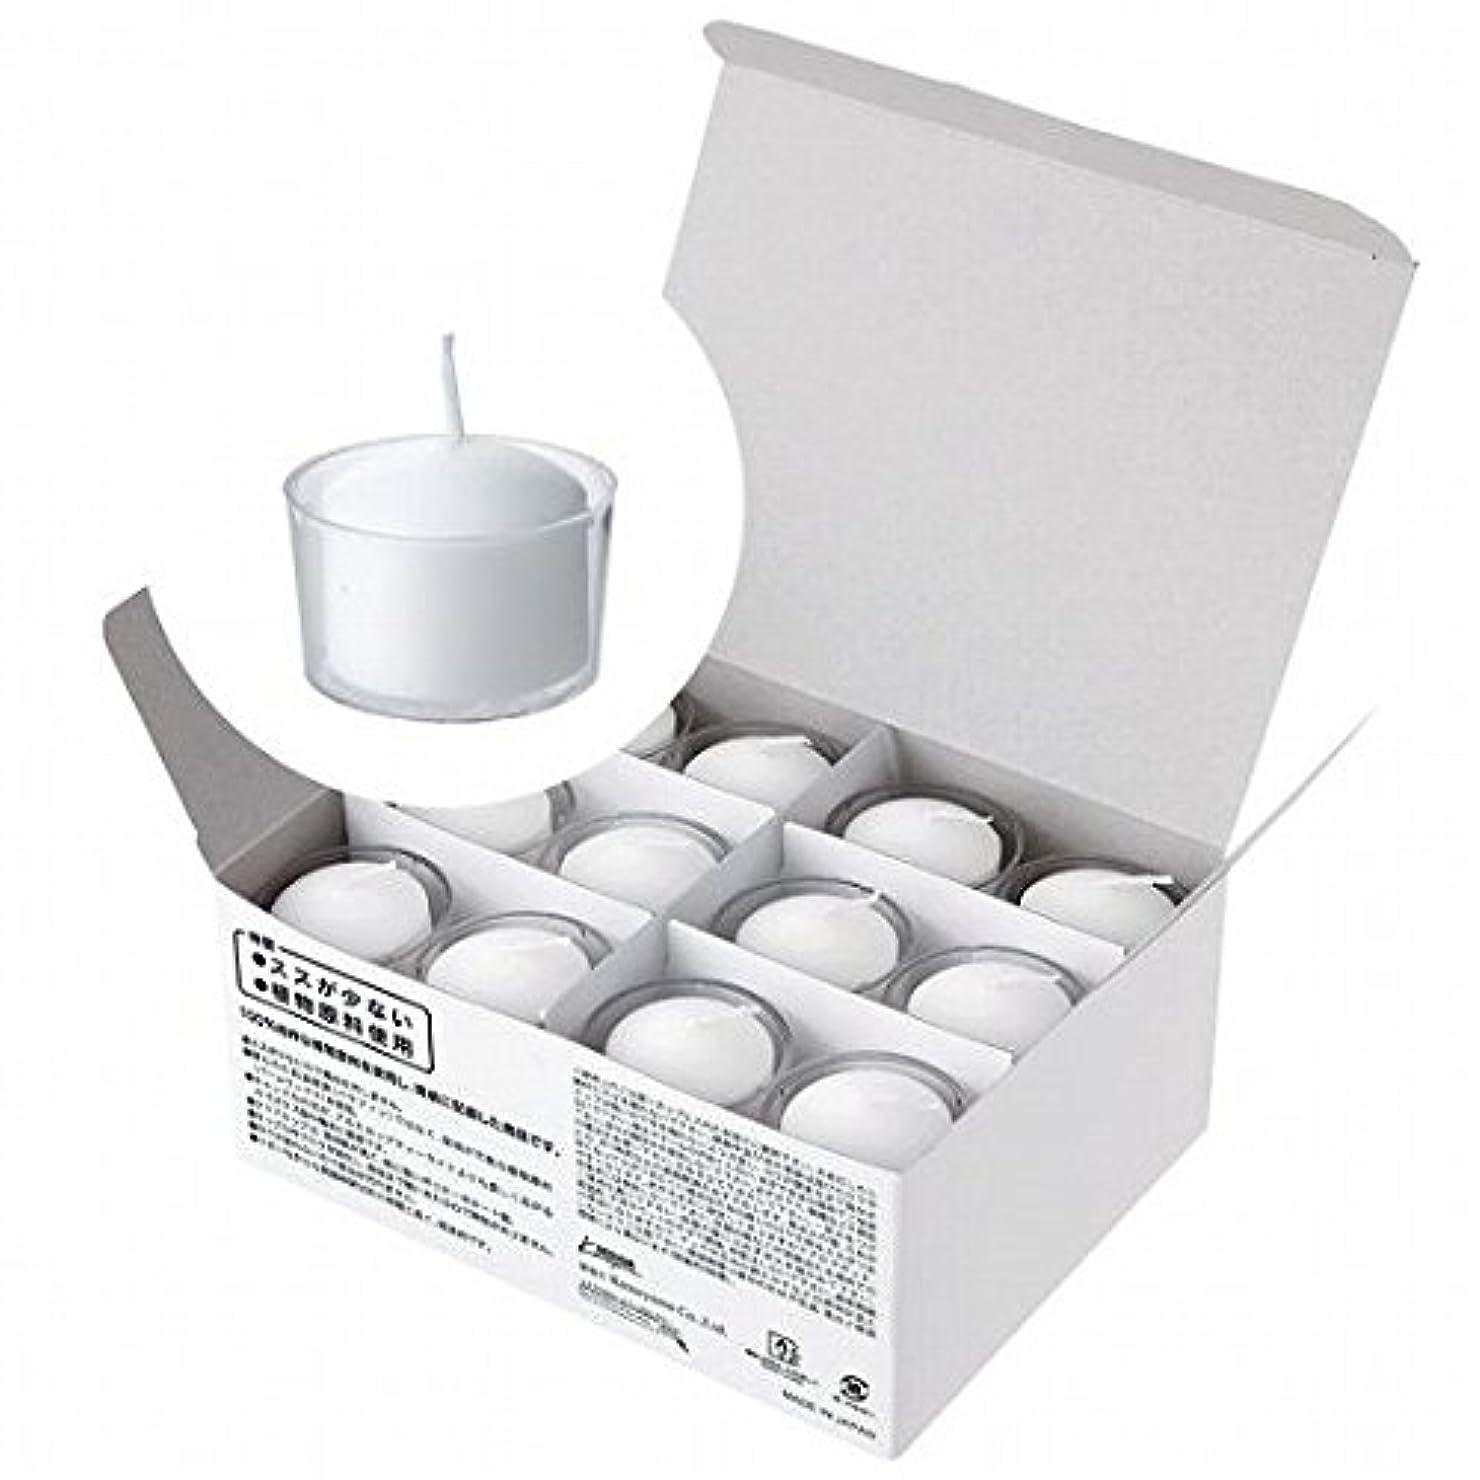 愛撫プレゼンテーション魅力的kameyama candle(カメヤマキャンドル) クレア 5時間タイプ24個入り【ススが出にくいキャンドル】「 ホワイト 」(A8165524W)